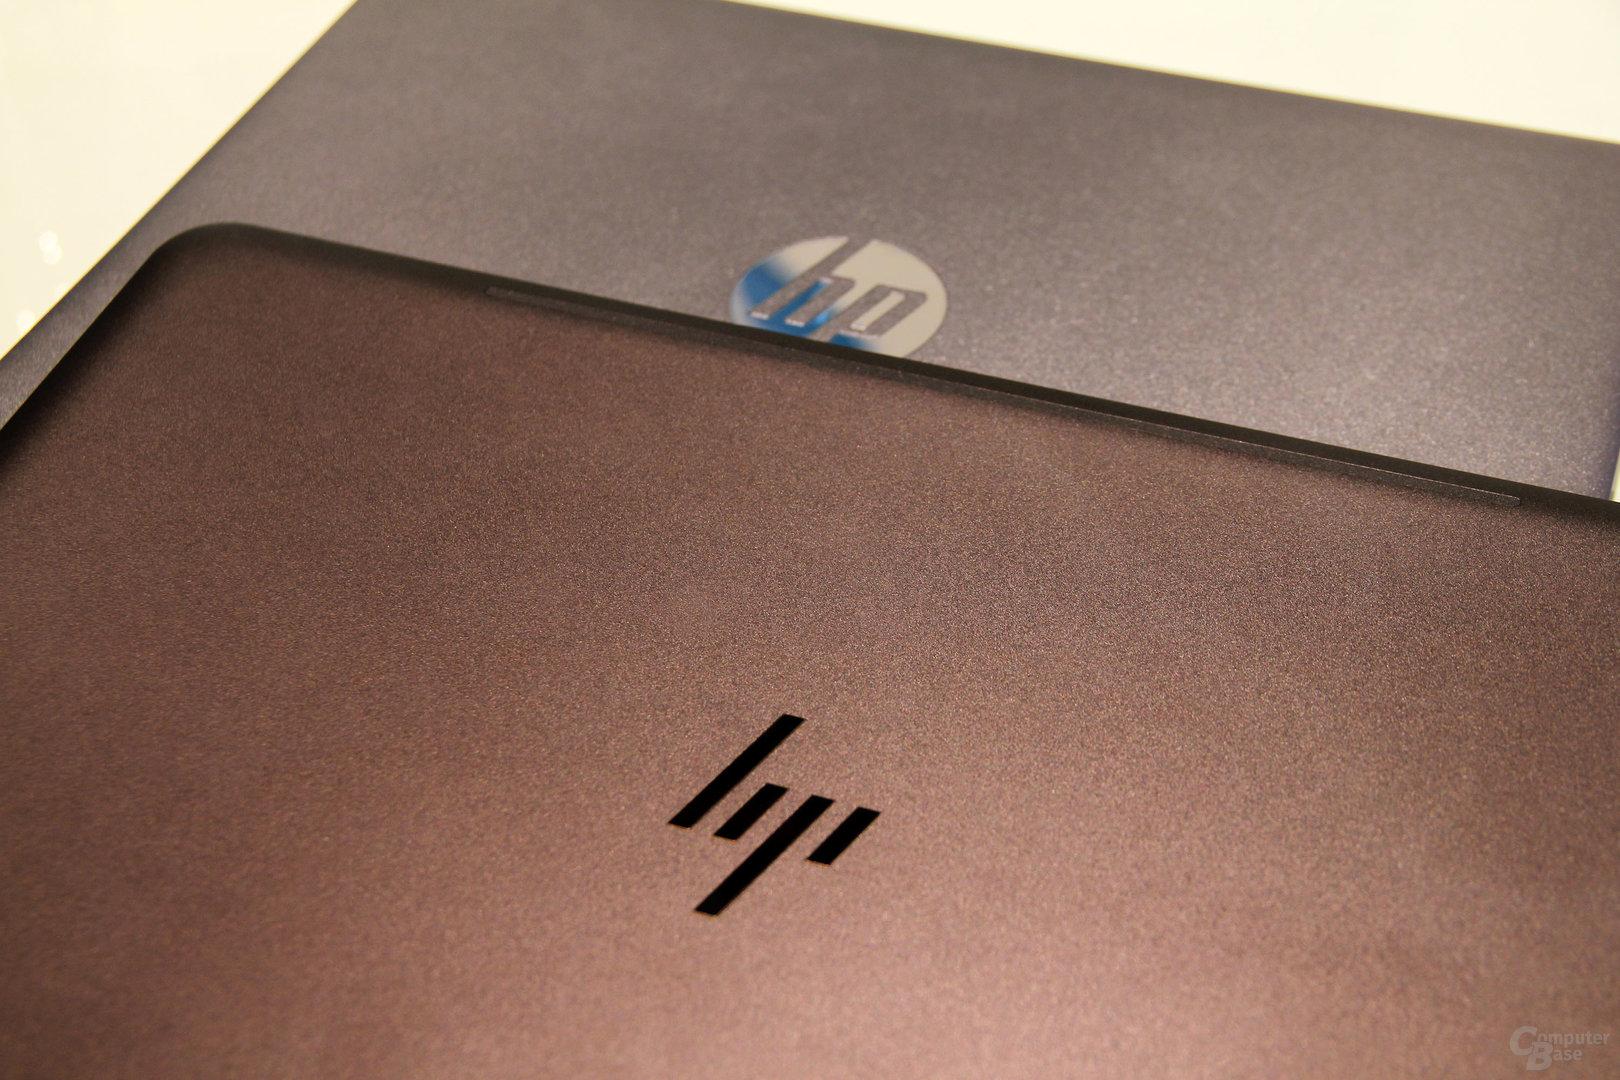 HP Spectre 13 vor Folio 1020